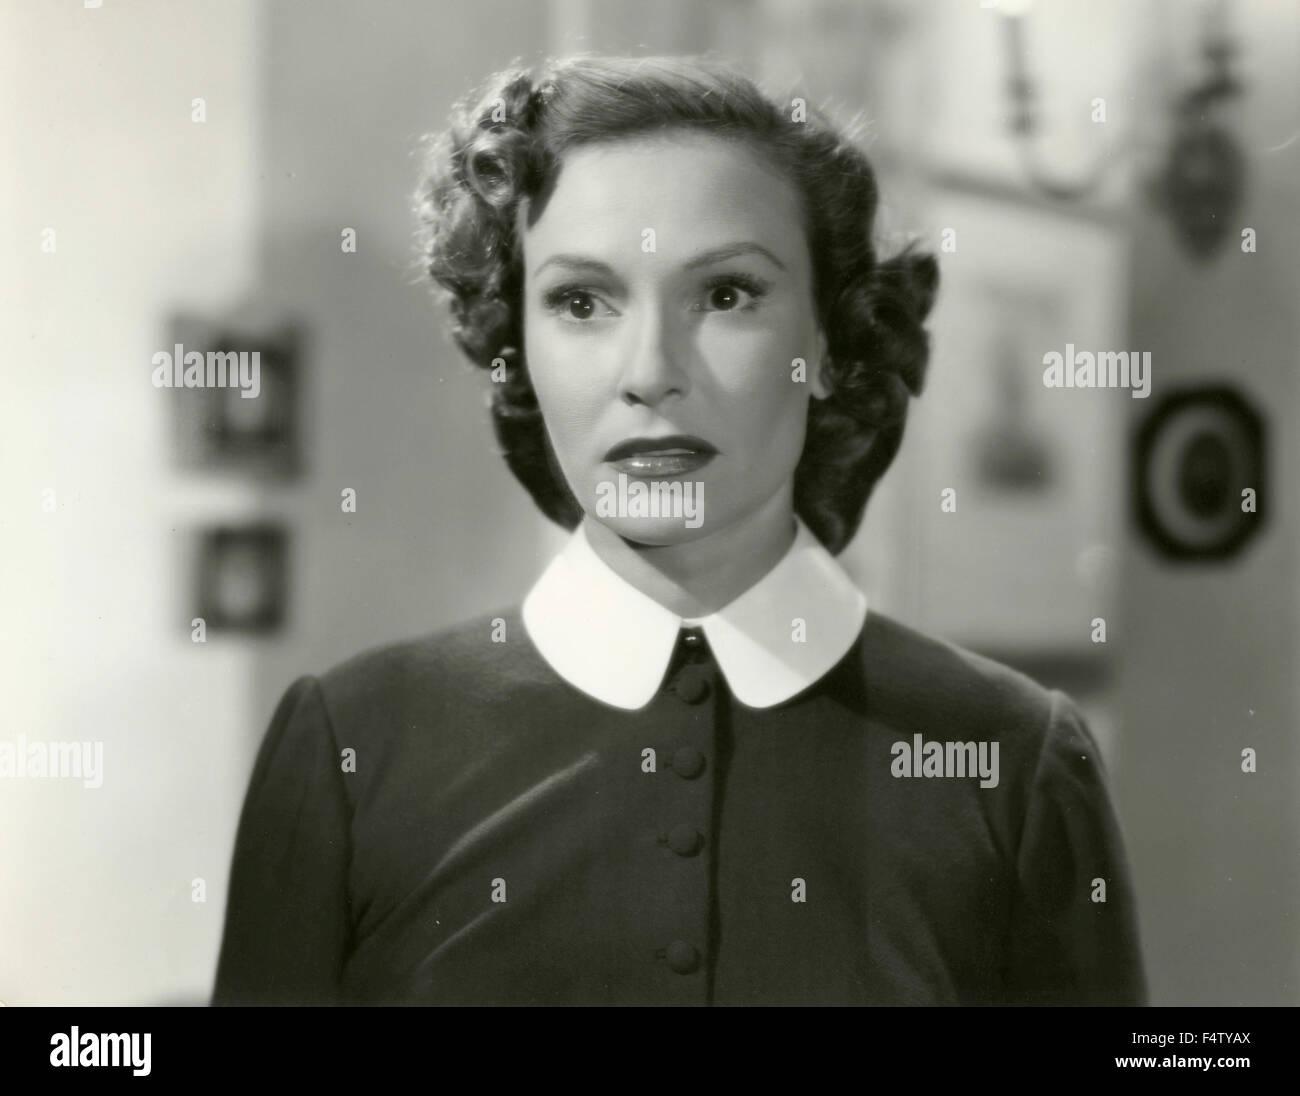 Un attrice che indossa un abito nero con colletto bianco round Immagini Stock